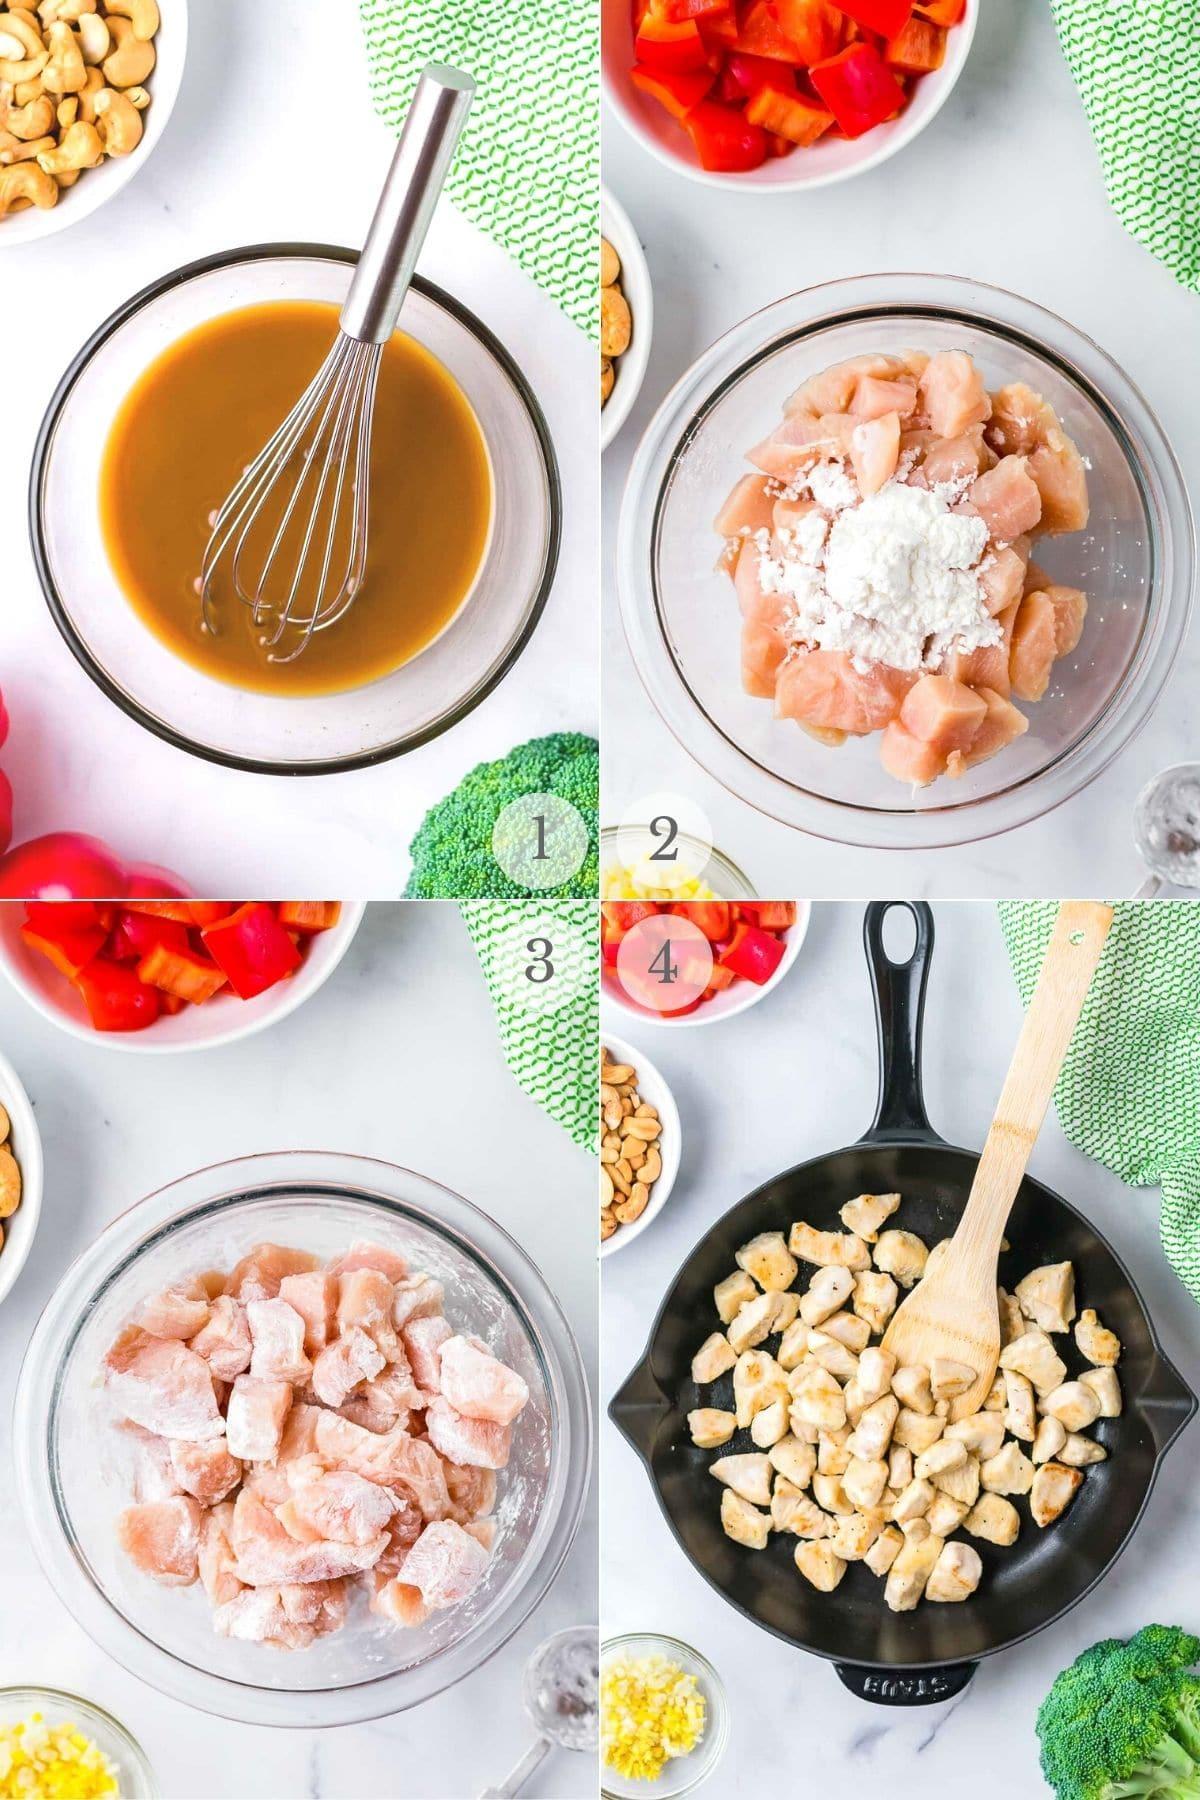 cashew chicken recipe steps 1-4